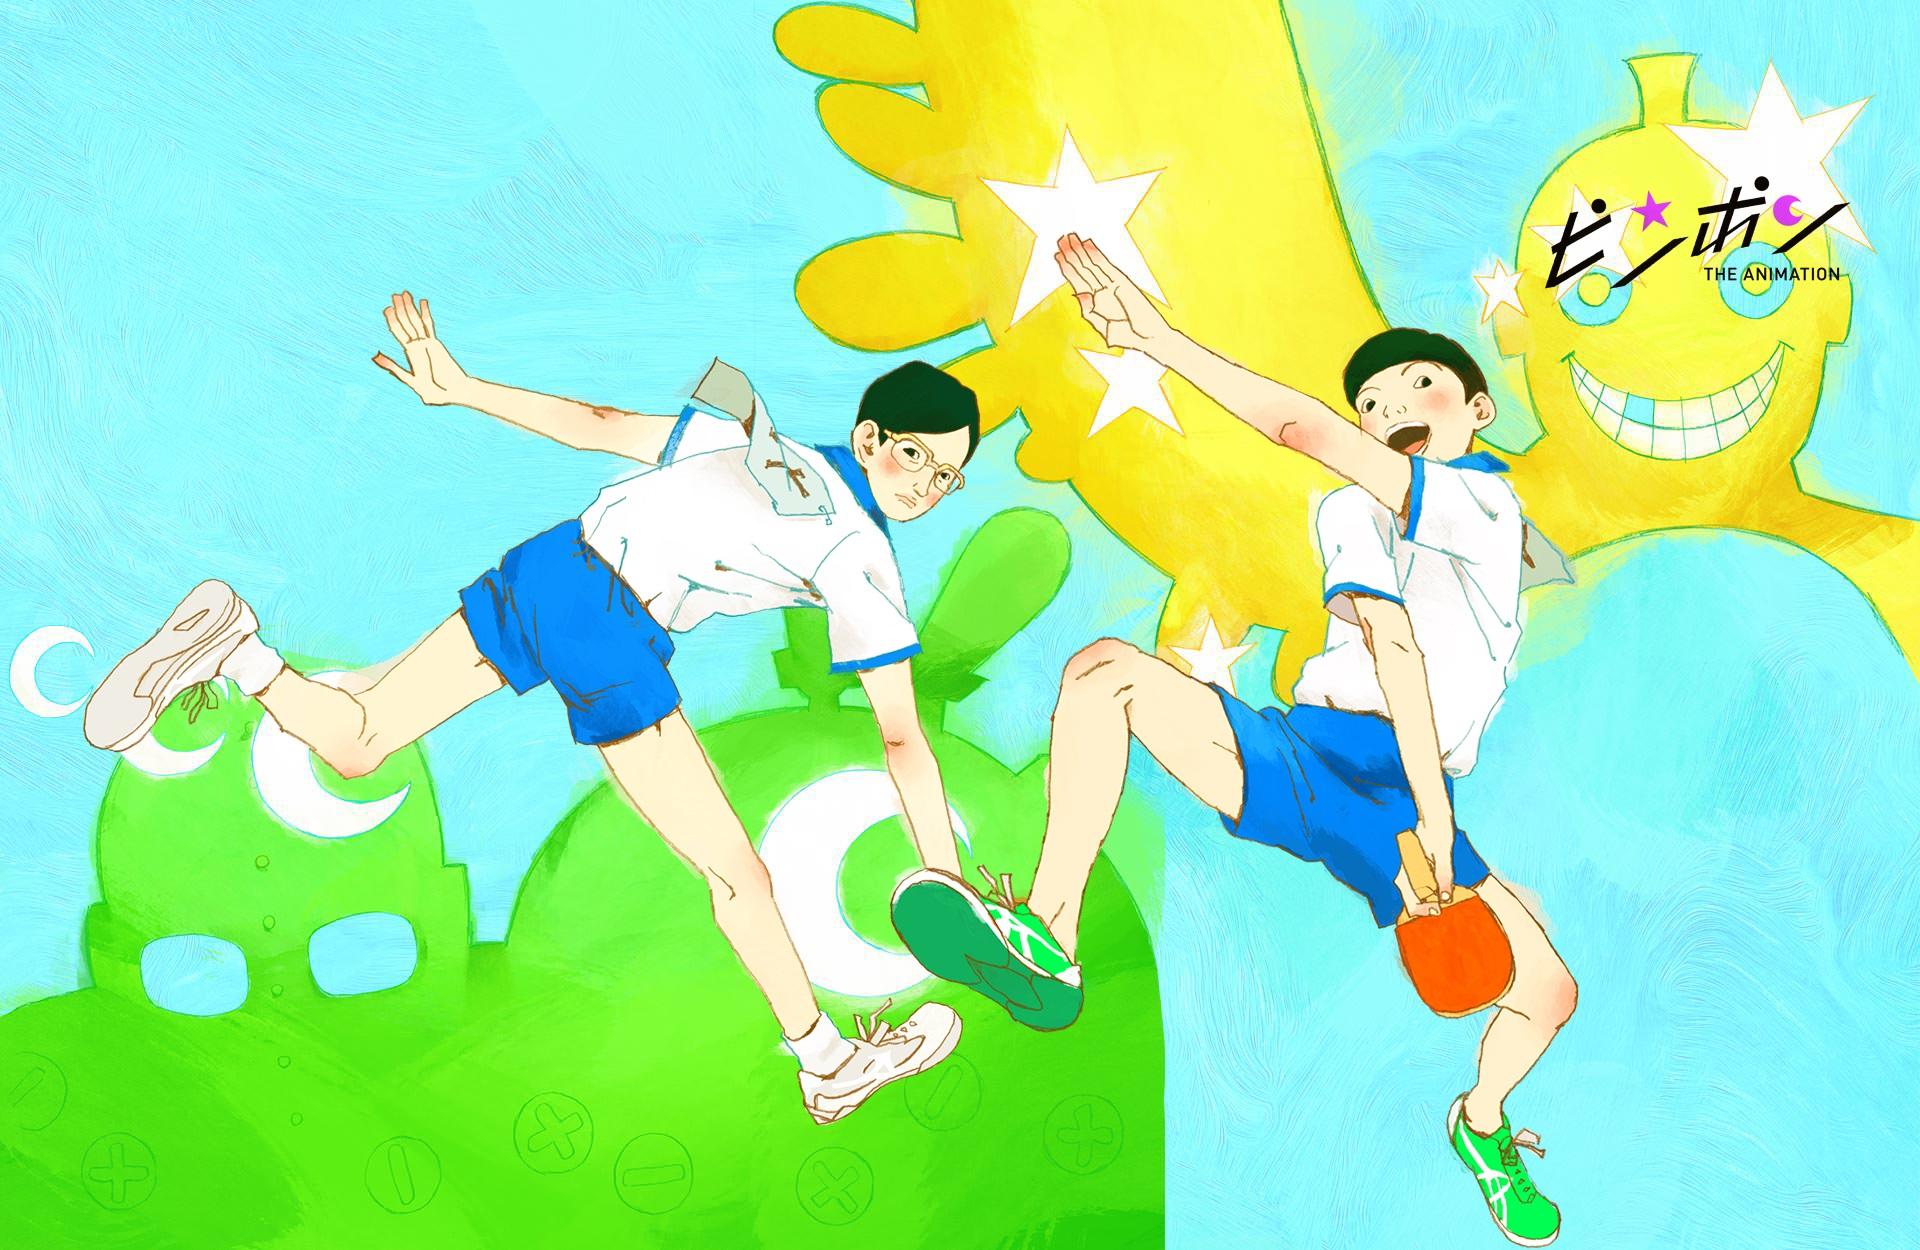 Ping-Pong : visuel de la série animée